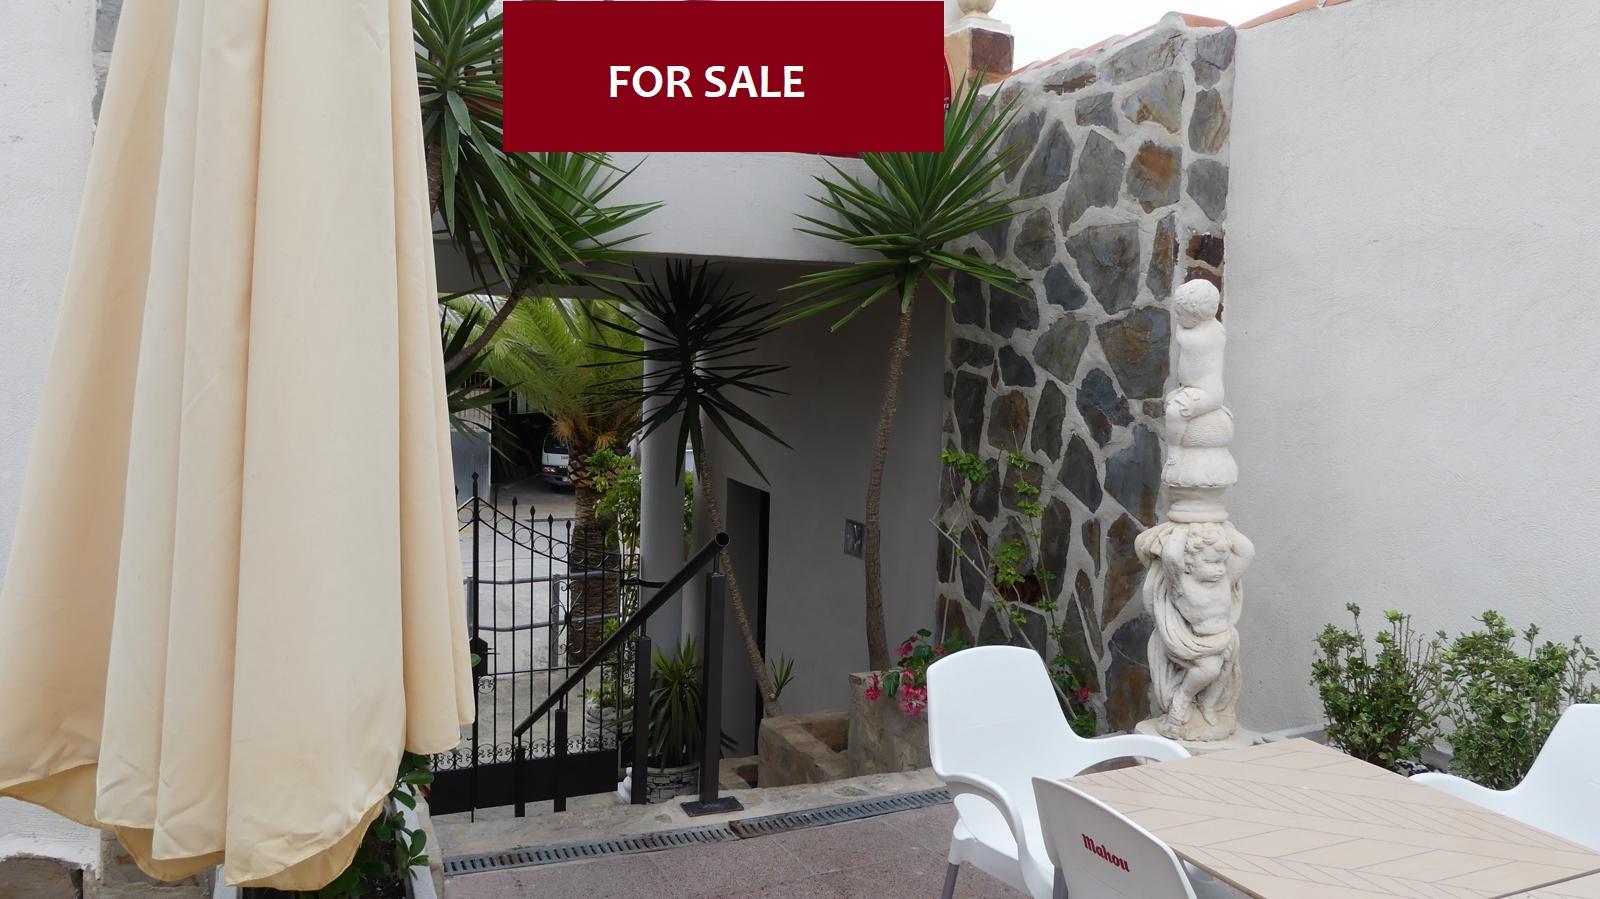 spanien immobilie mieten und immobilie in spanien kaufen. Black Bedroom Furniture Sets. Home Design Ideas